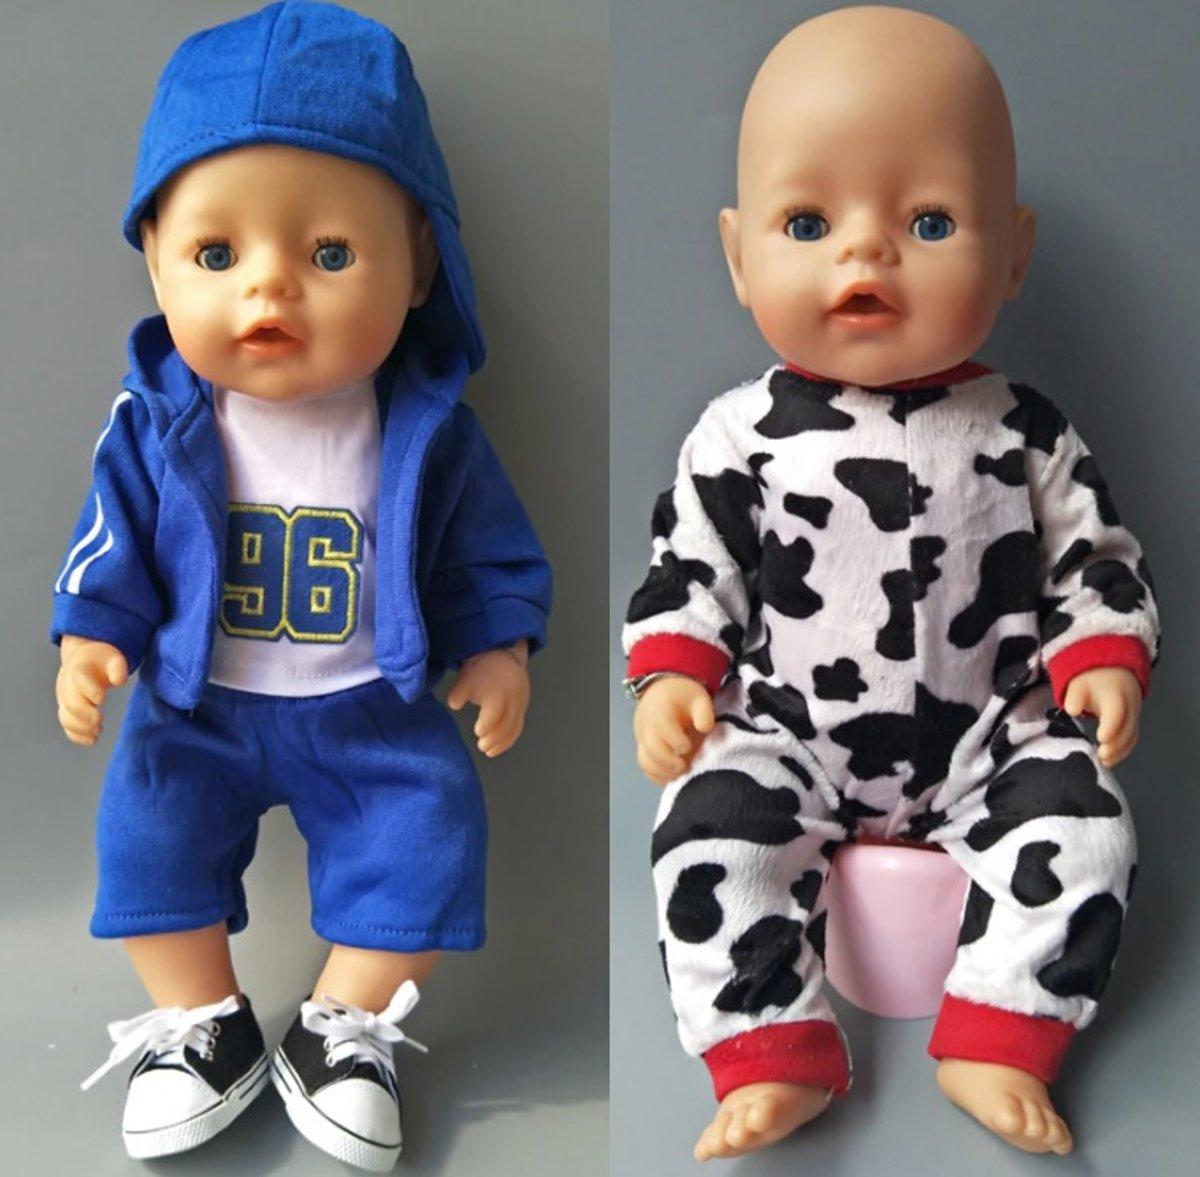 Poppenkleding, geschikt voor Baby Born pop, Stoer Blauw Pakje + Koe Pyjama - Jongen